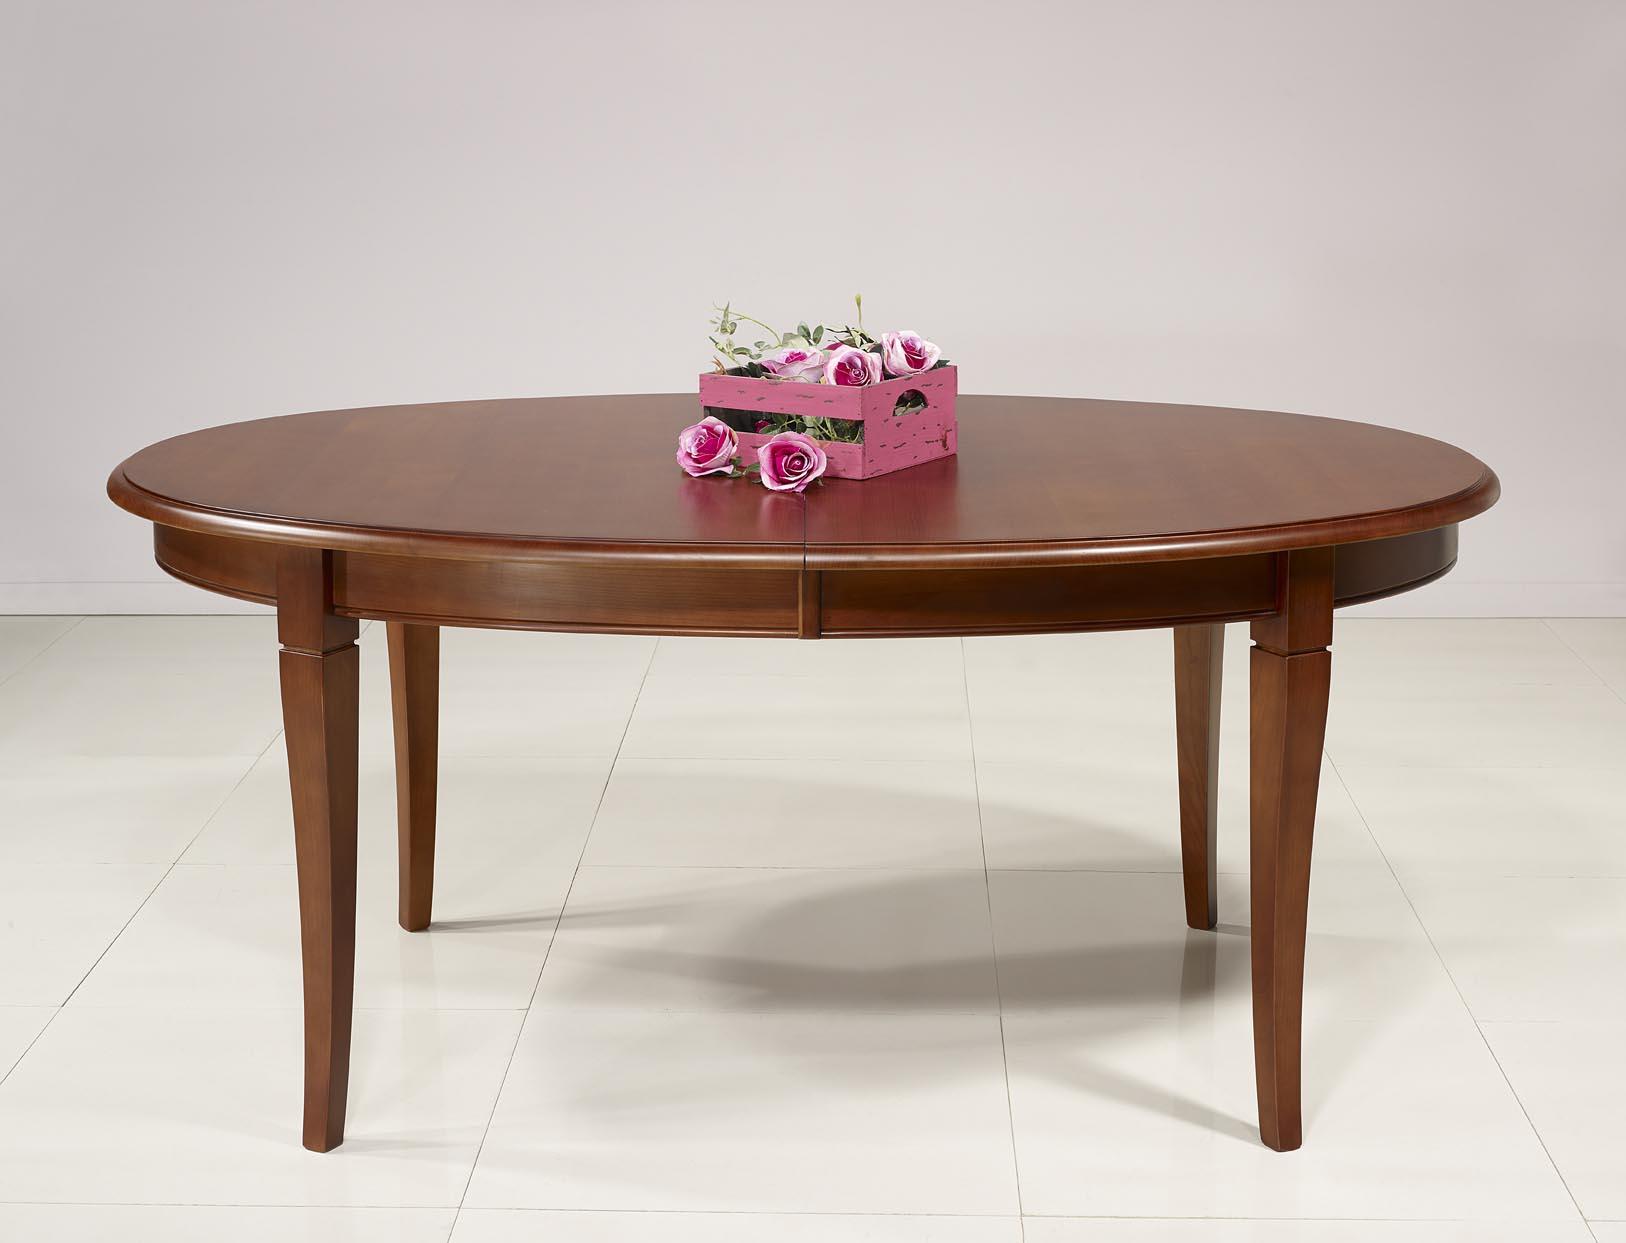 mesa de comedor ovalada estelle hecha en madera maciza de